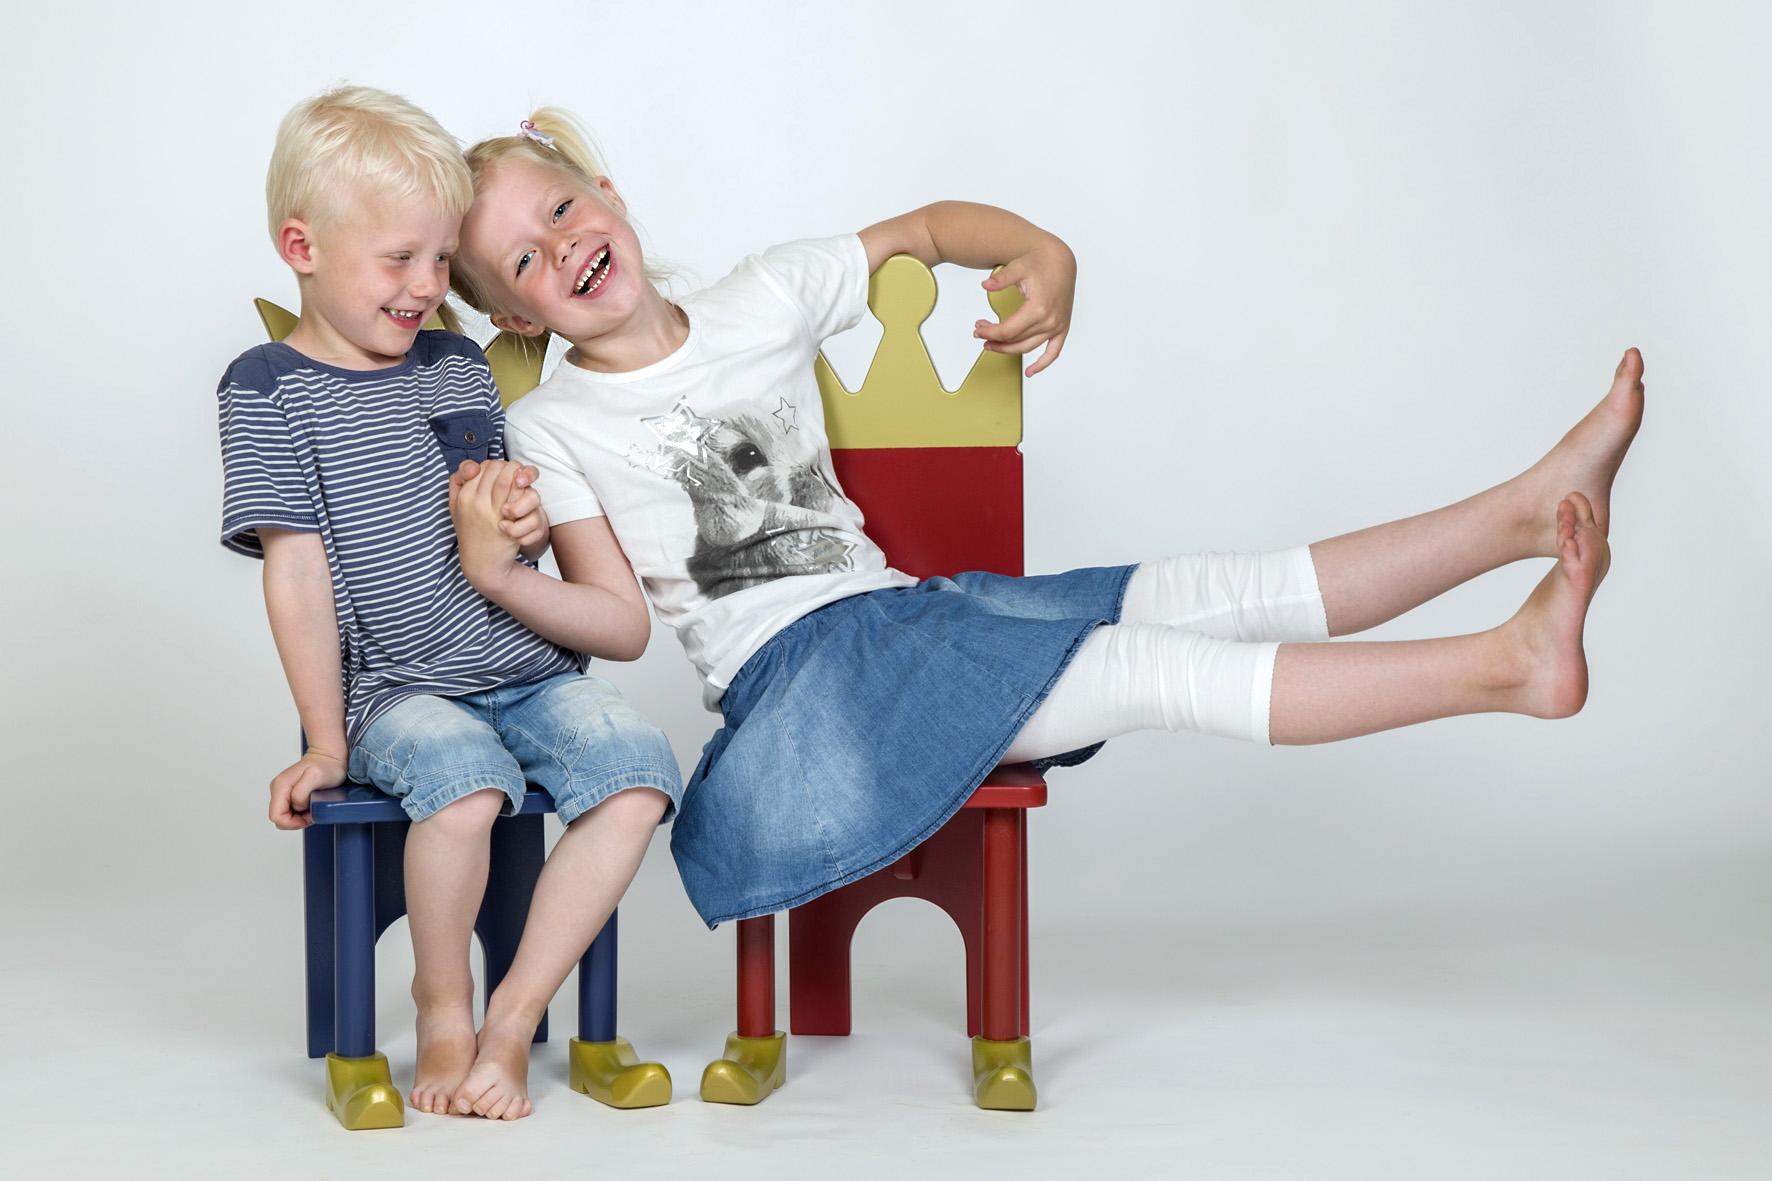 Børnefotografering - 2 Børn Griner